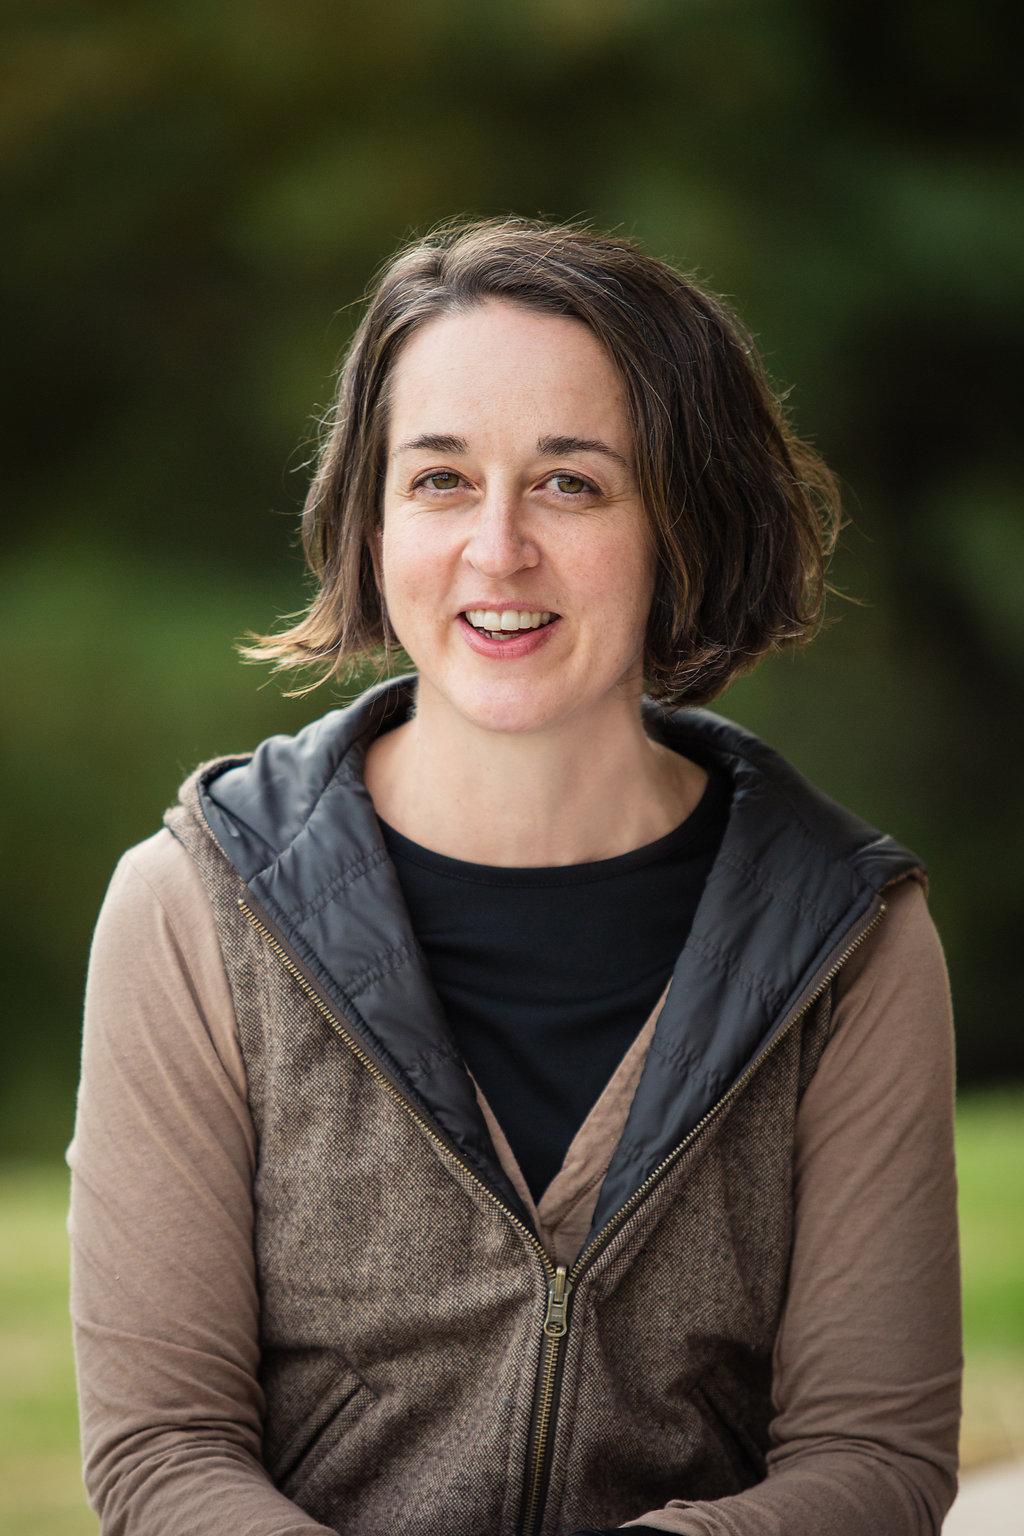 Sarah Hardcastle, Owner